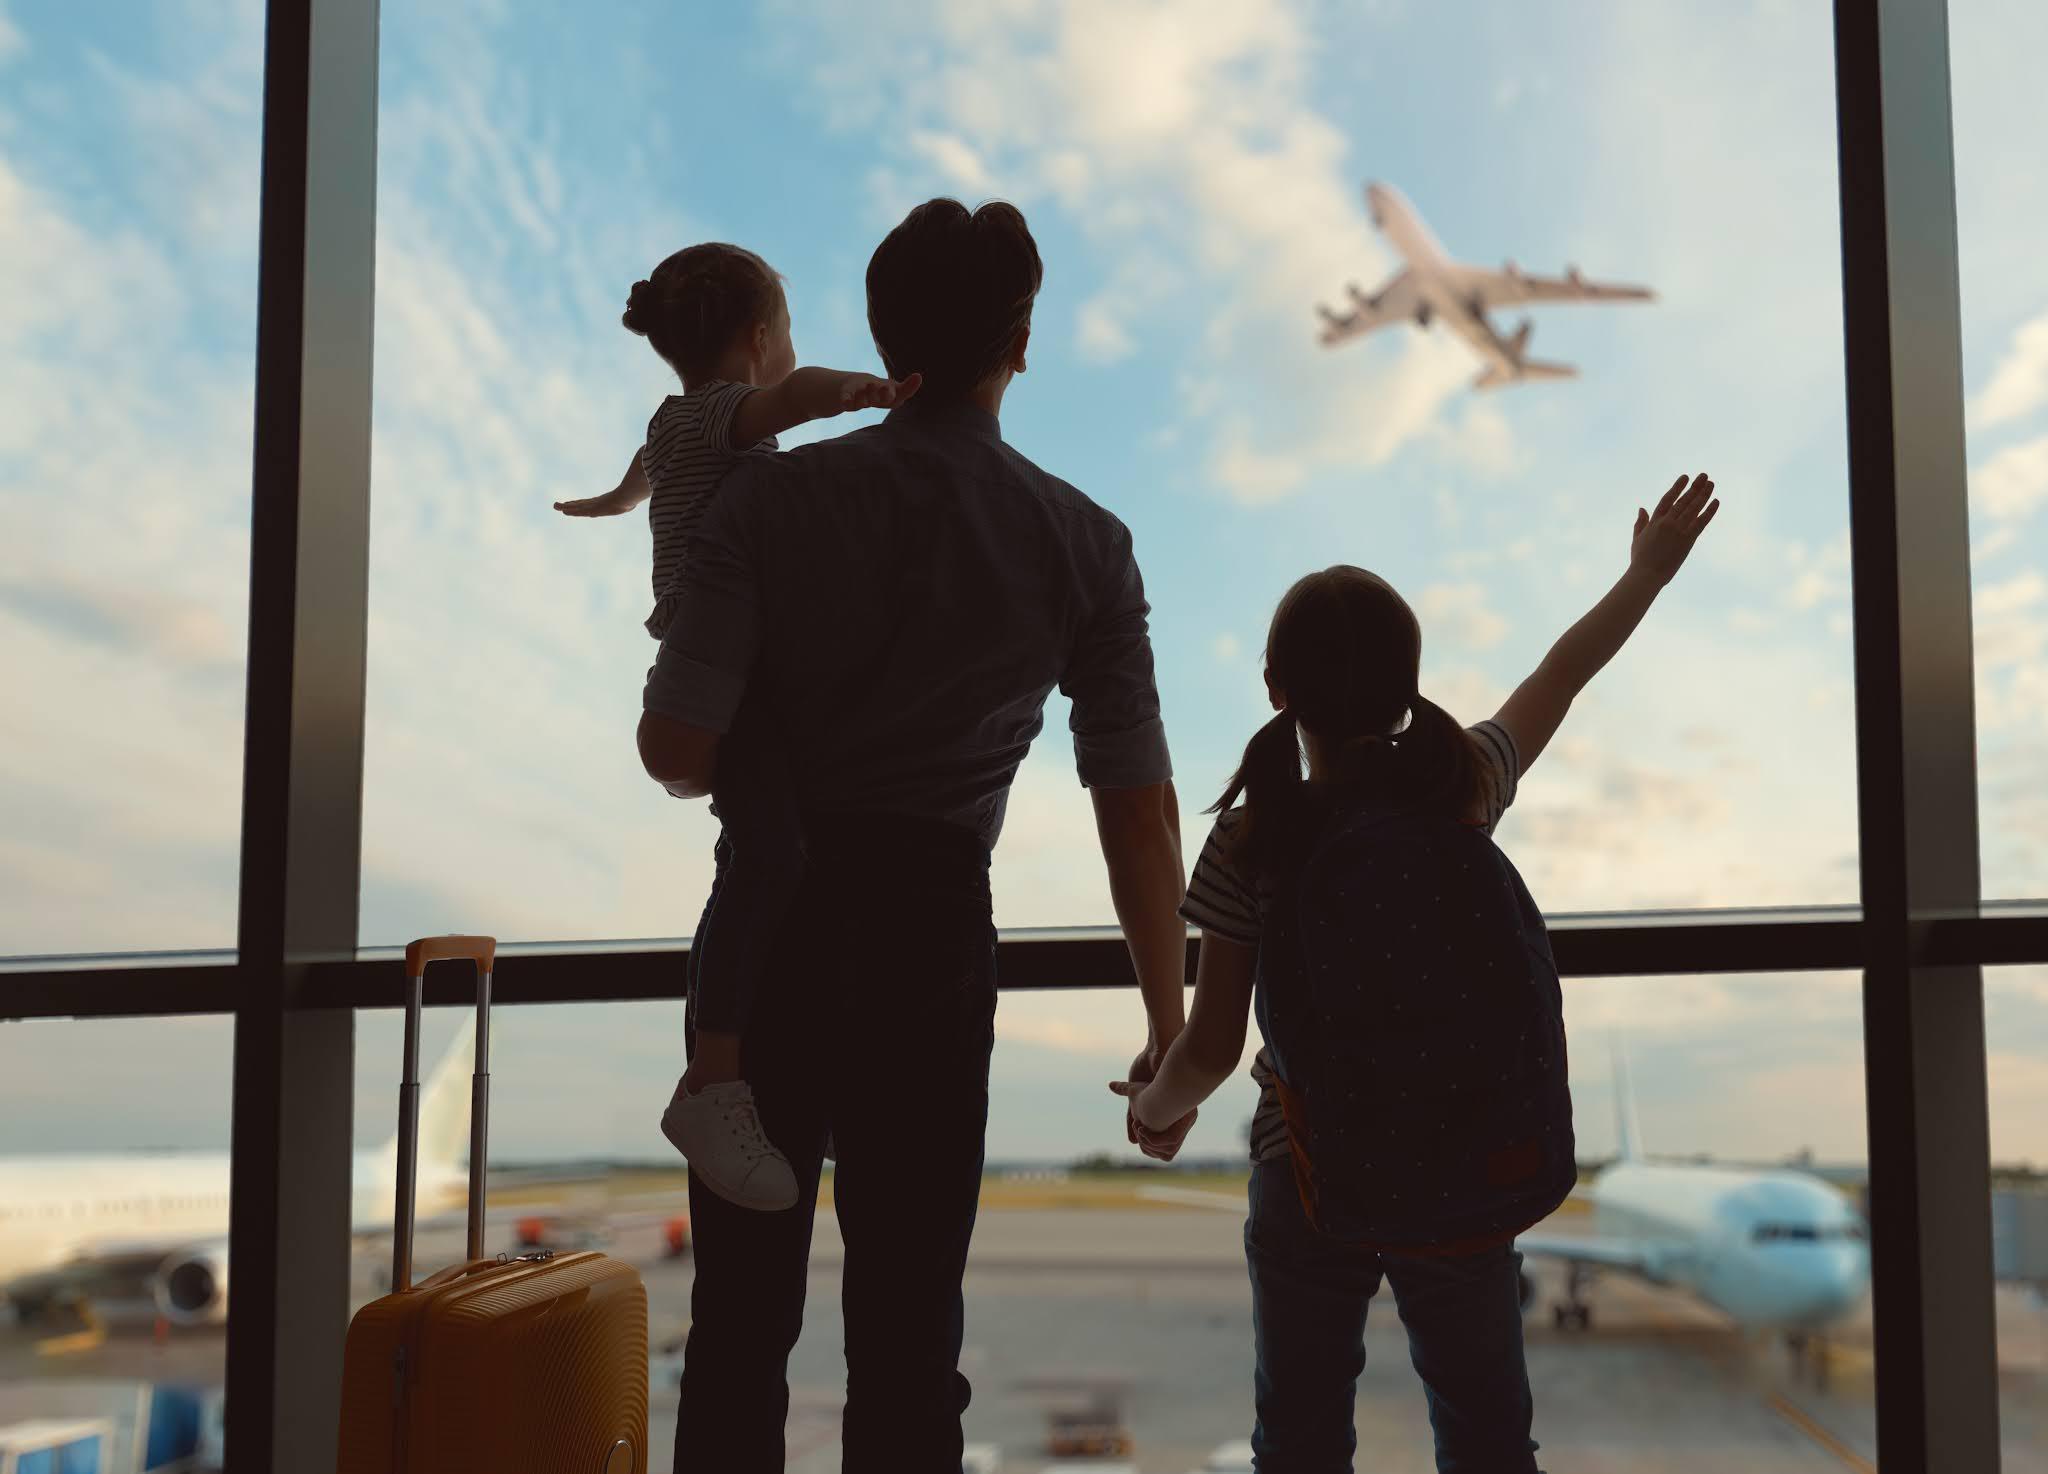 تقارير وتوقعات مطار دبي Dubai أكثر من مليون مسافر في نهاية العطلة الصيفية مع عودة العائلات